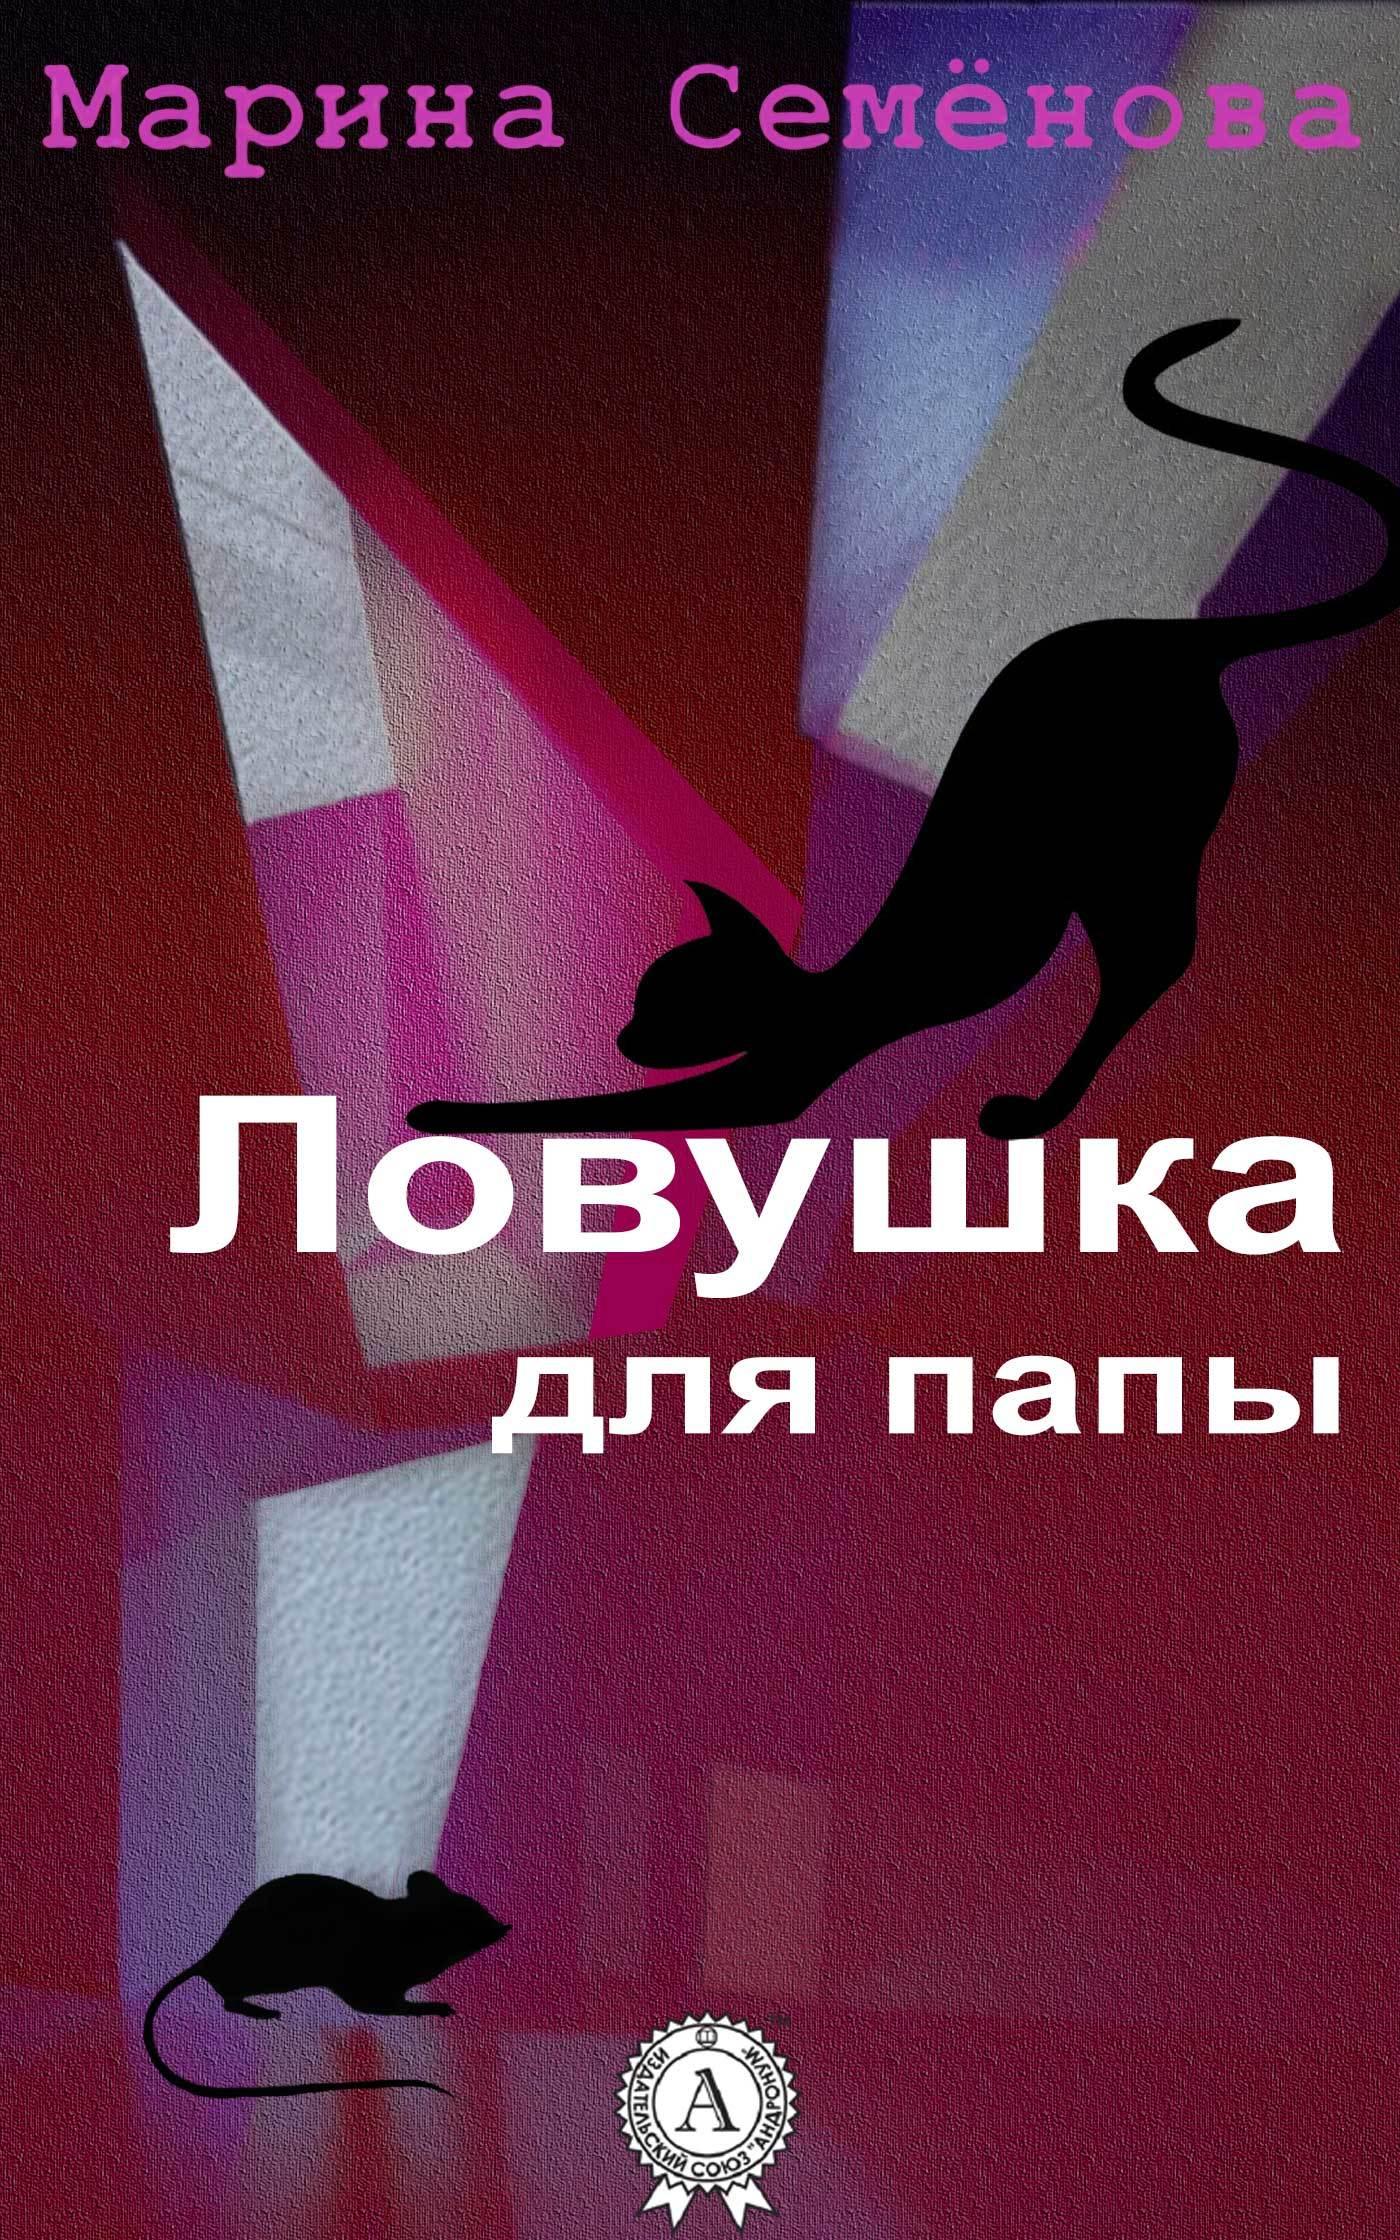 Скачать Марина Семенова бесплатно Ловушка для папы